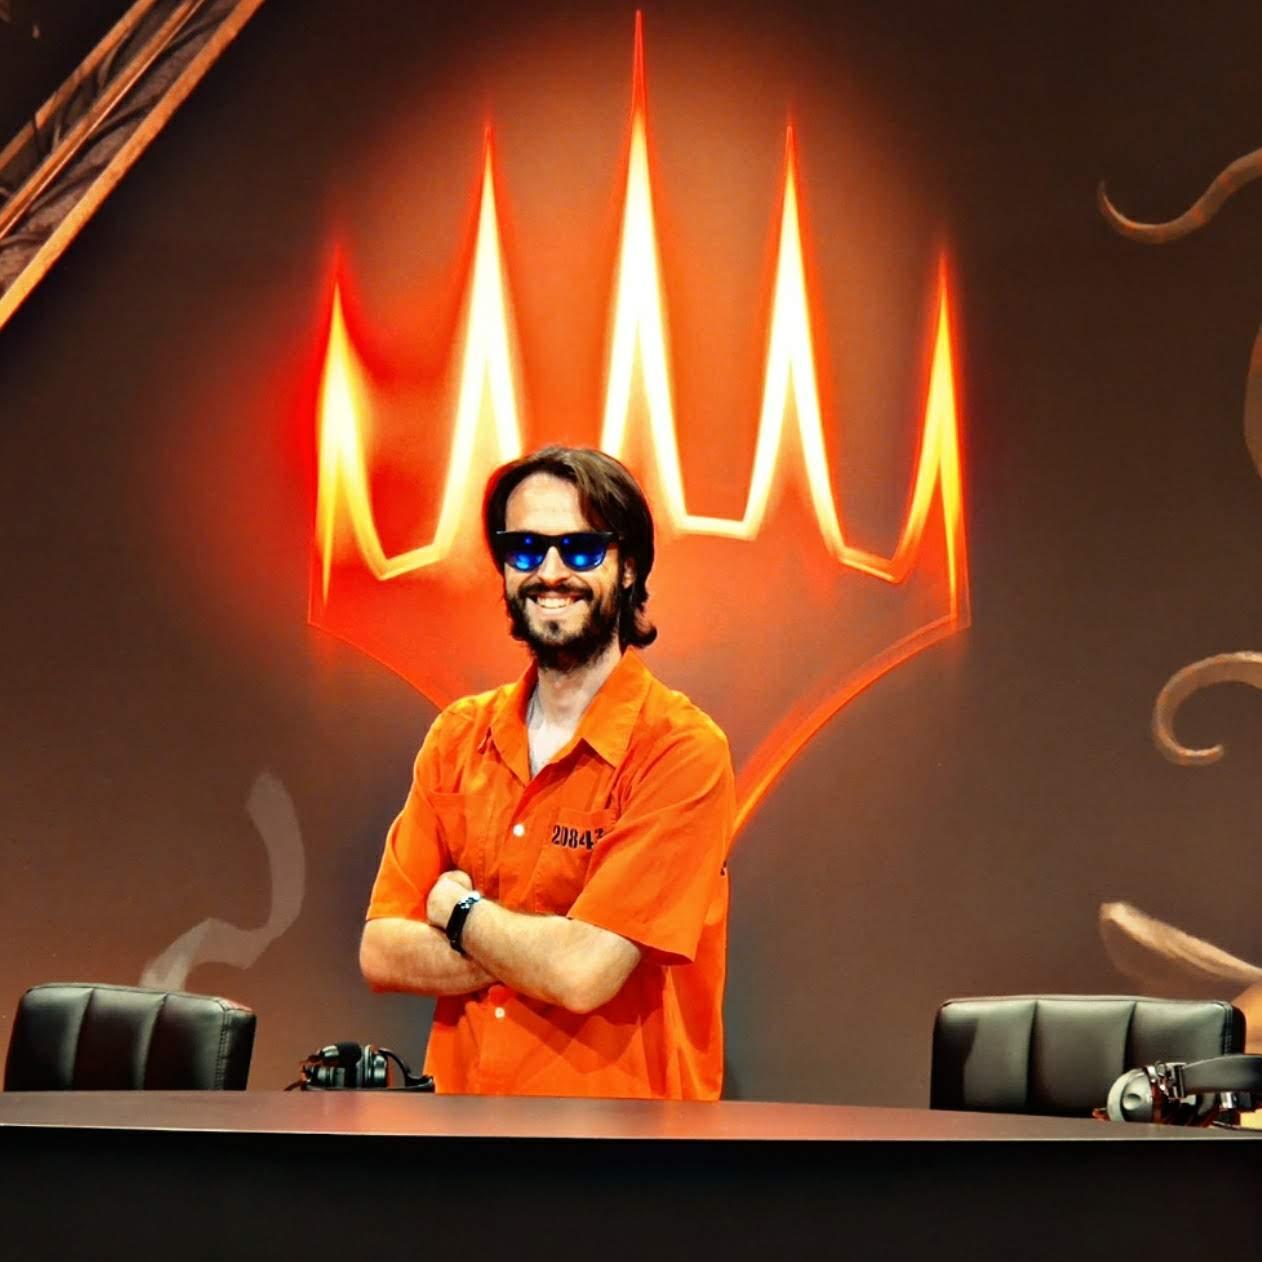 Arturo Alonso, de PCBox Huesca, es un gran seguidor de Magic